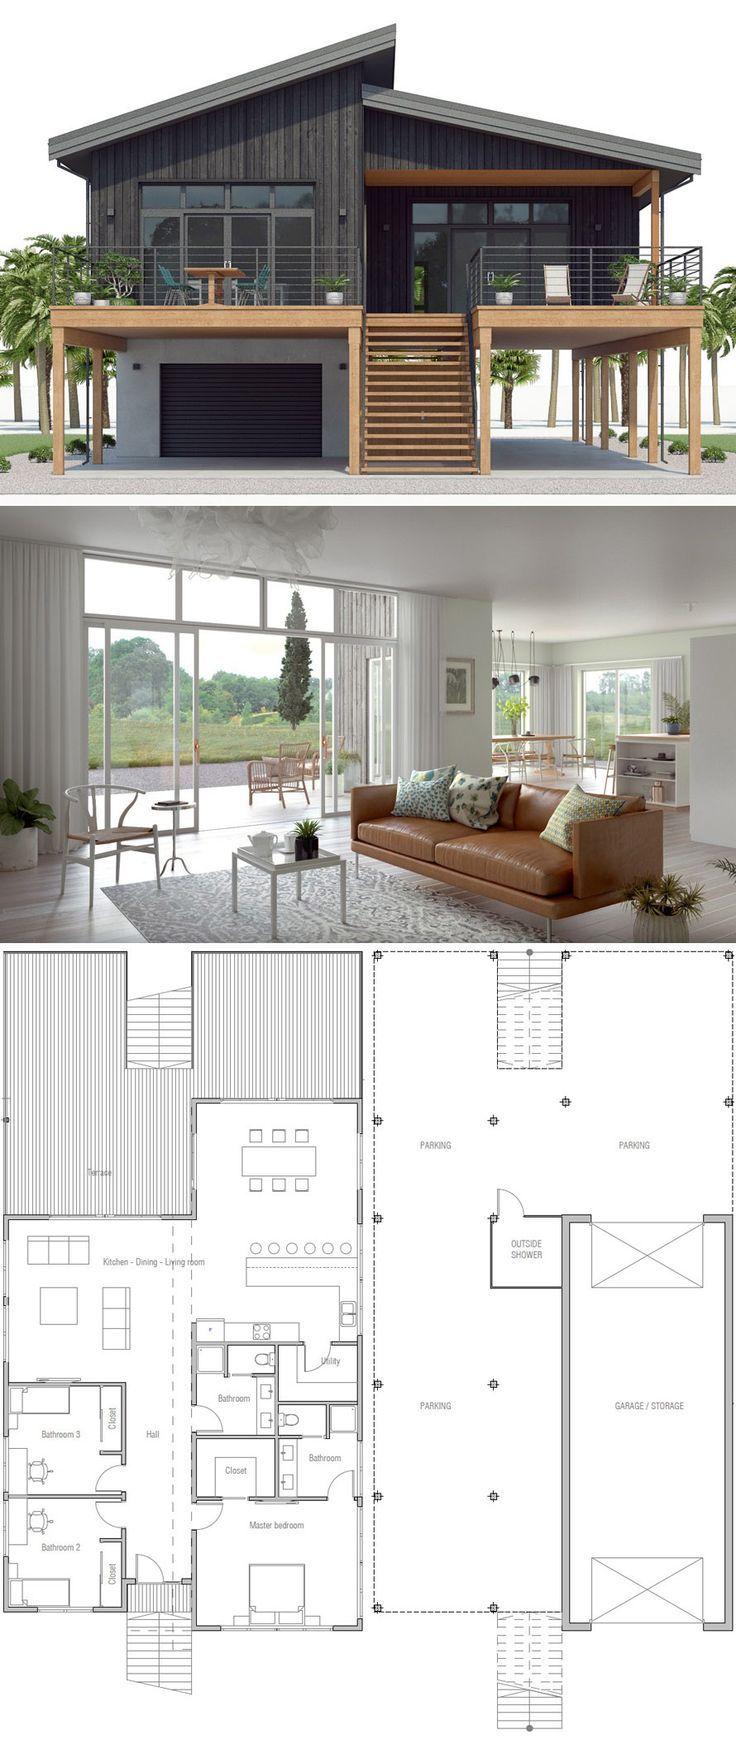 Karte Von Haus Hauser Haus Desgins Homedecor Housedesign Architecture Pl Architektur Coastal House Plans Modern Architecture House Beach House Plan